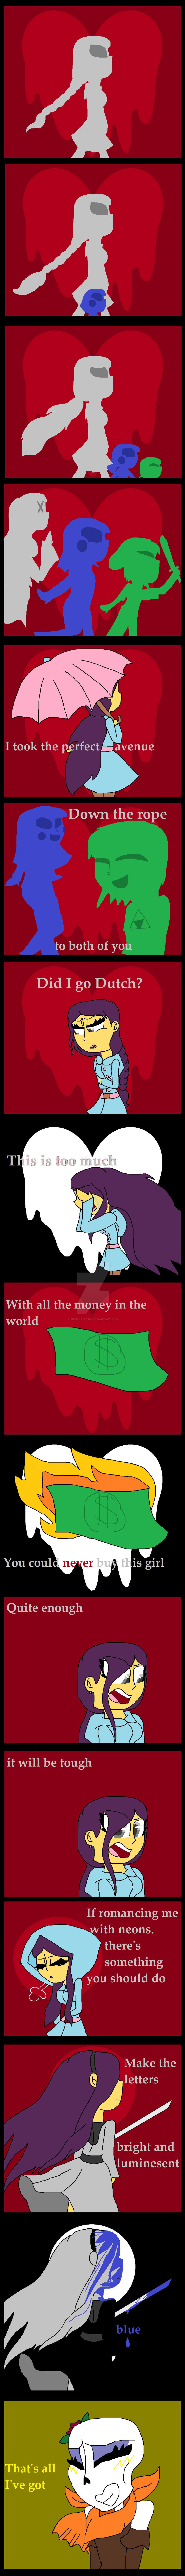 Tangled Up Comic Meme By Sirusvalleria On Deviantart